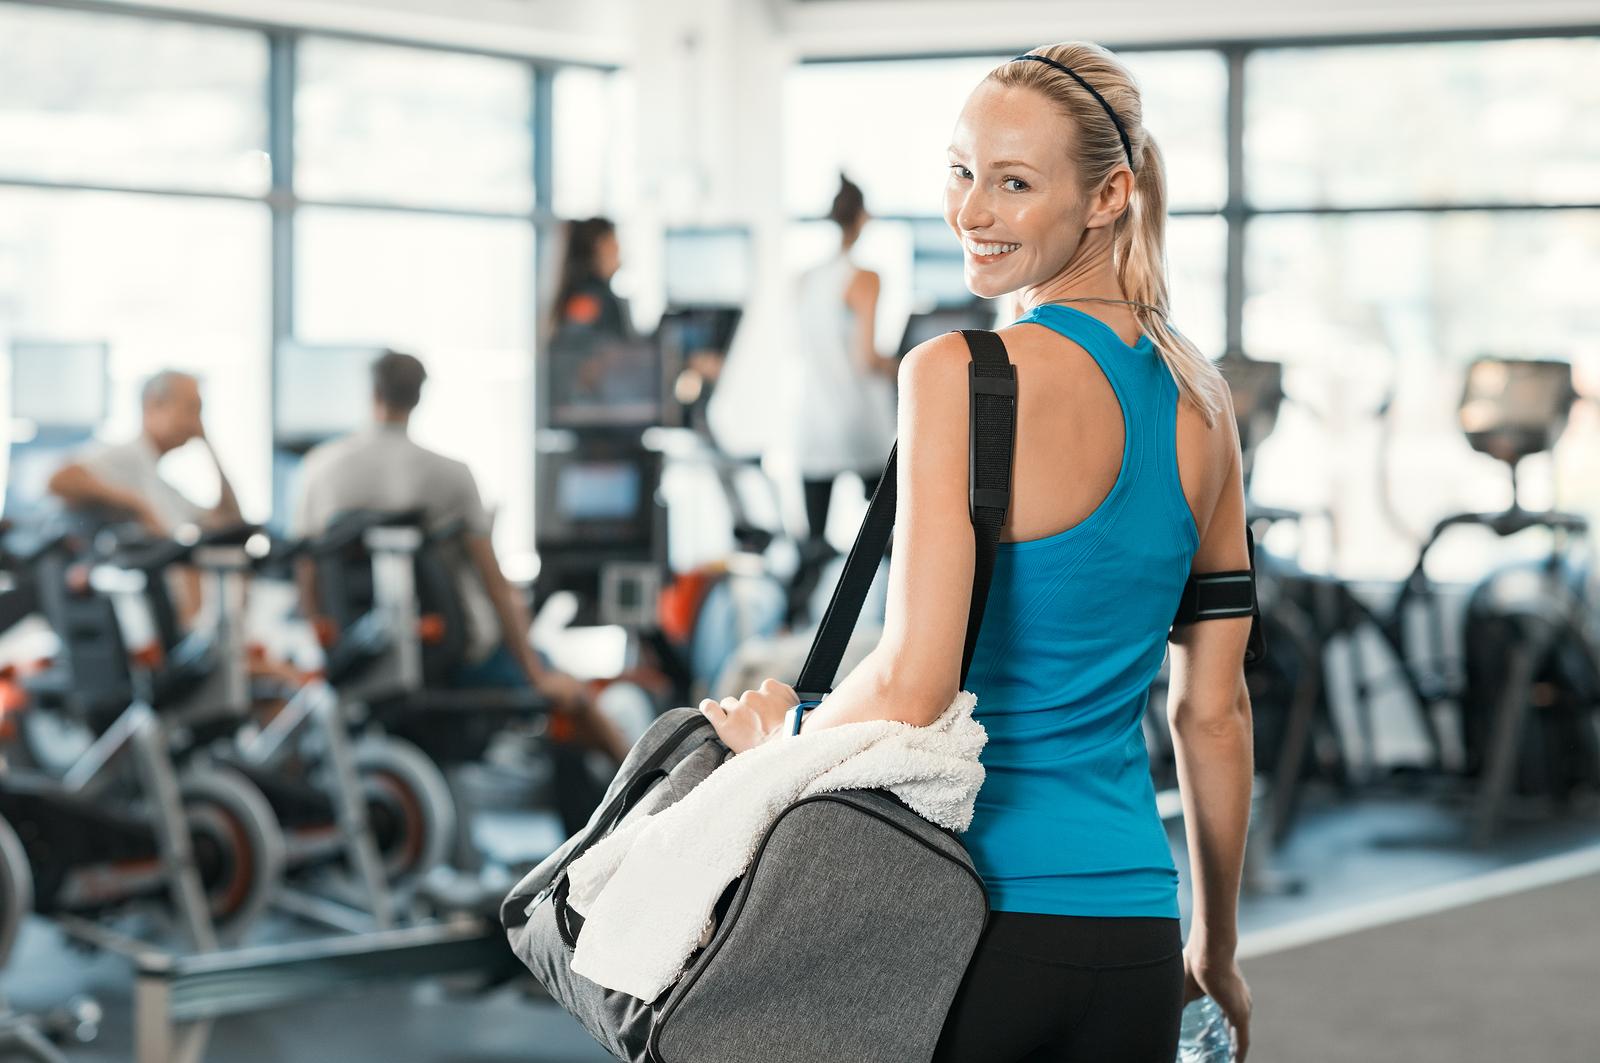 Jak ćwiczyć na siłowni aby szybko schudnąć